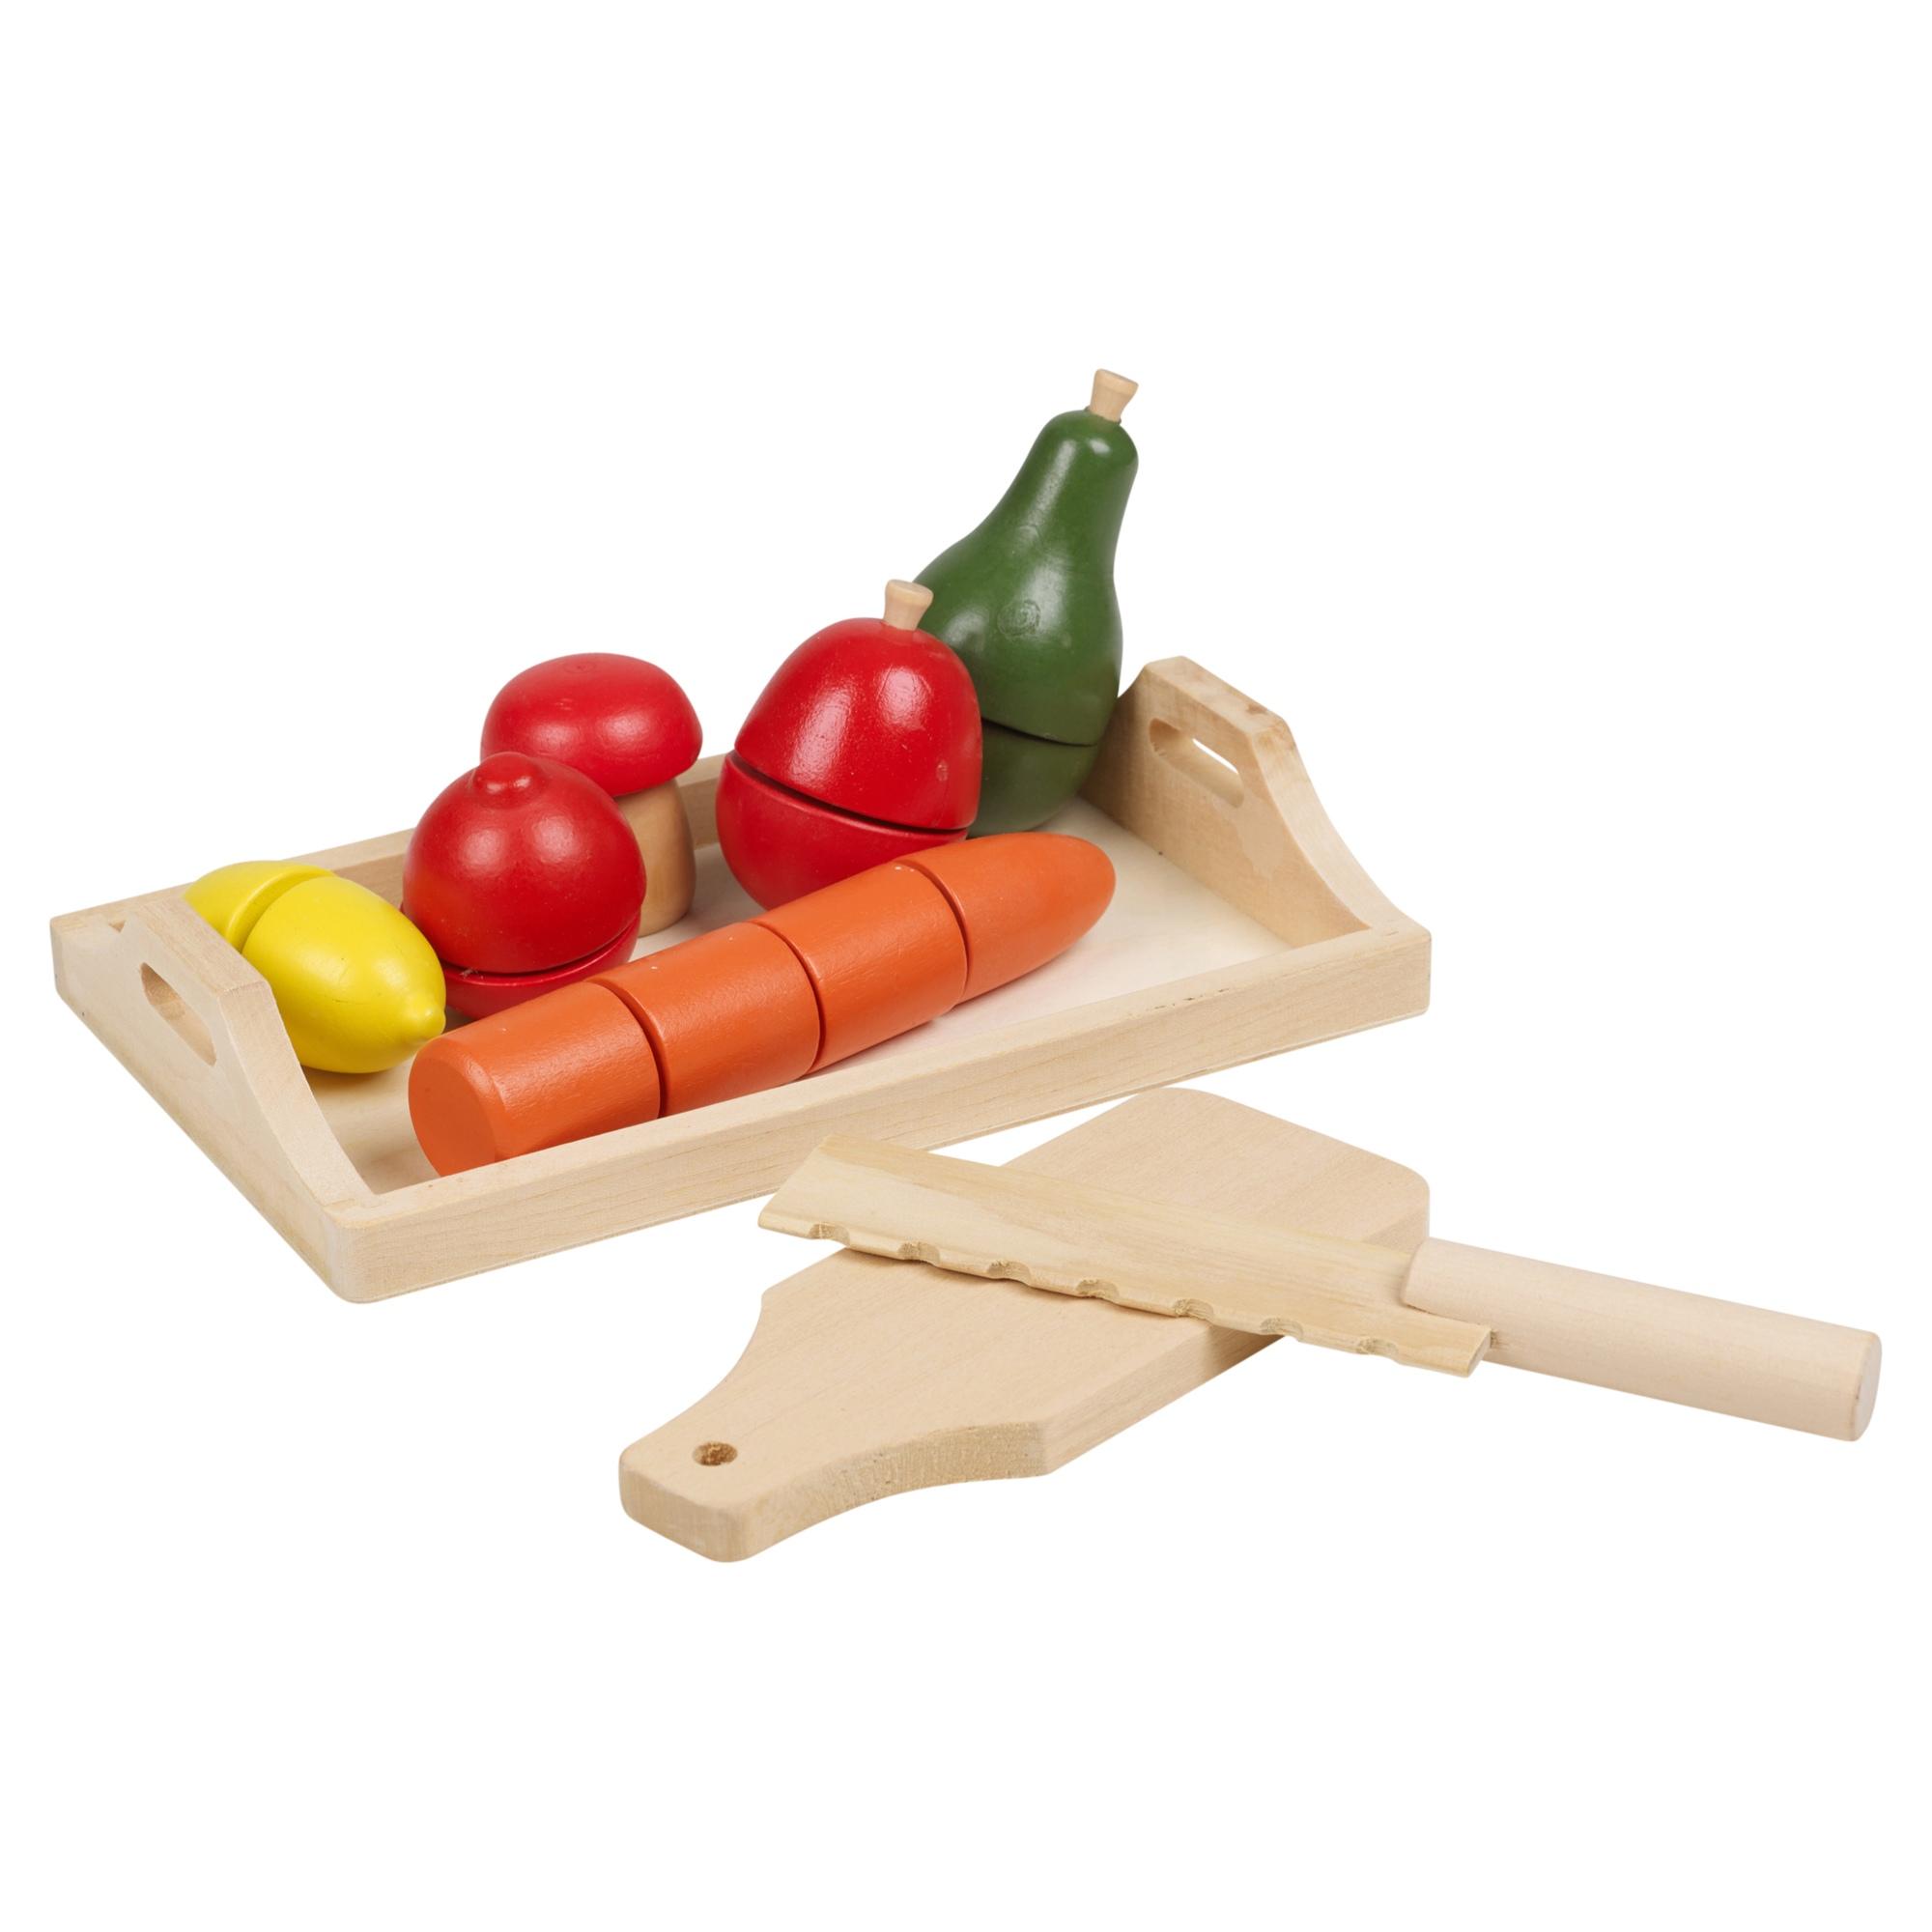 8 9 Piece Childrens Wooden Food Kitchen Pretend Play Fruit